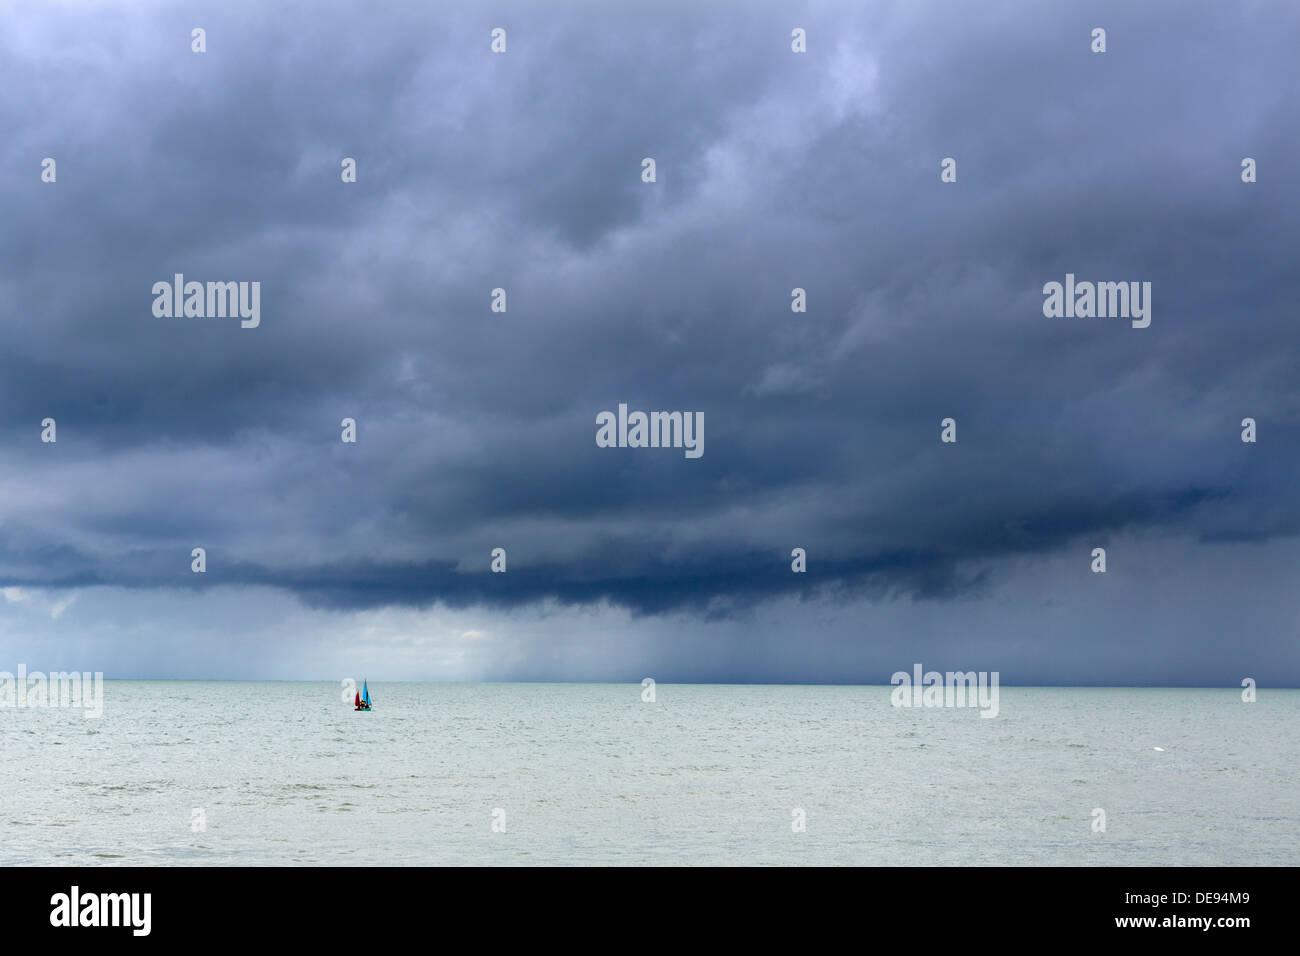 Pequeño bote navegando hacia una tormenta en la costa de la aldea costera de Aberaeron, Ceredigion, Gales, Reino Unido Imagen De Stock